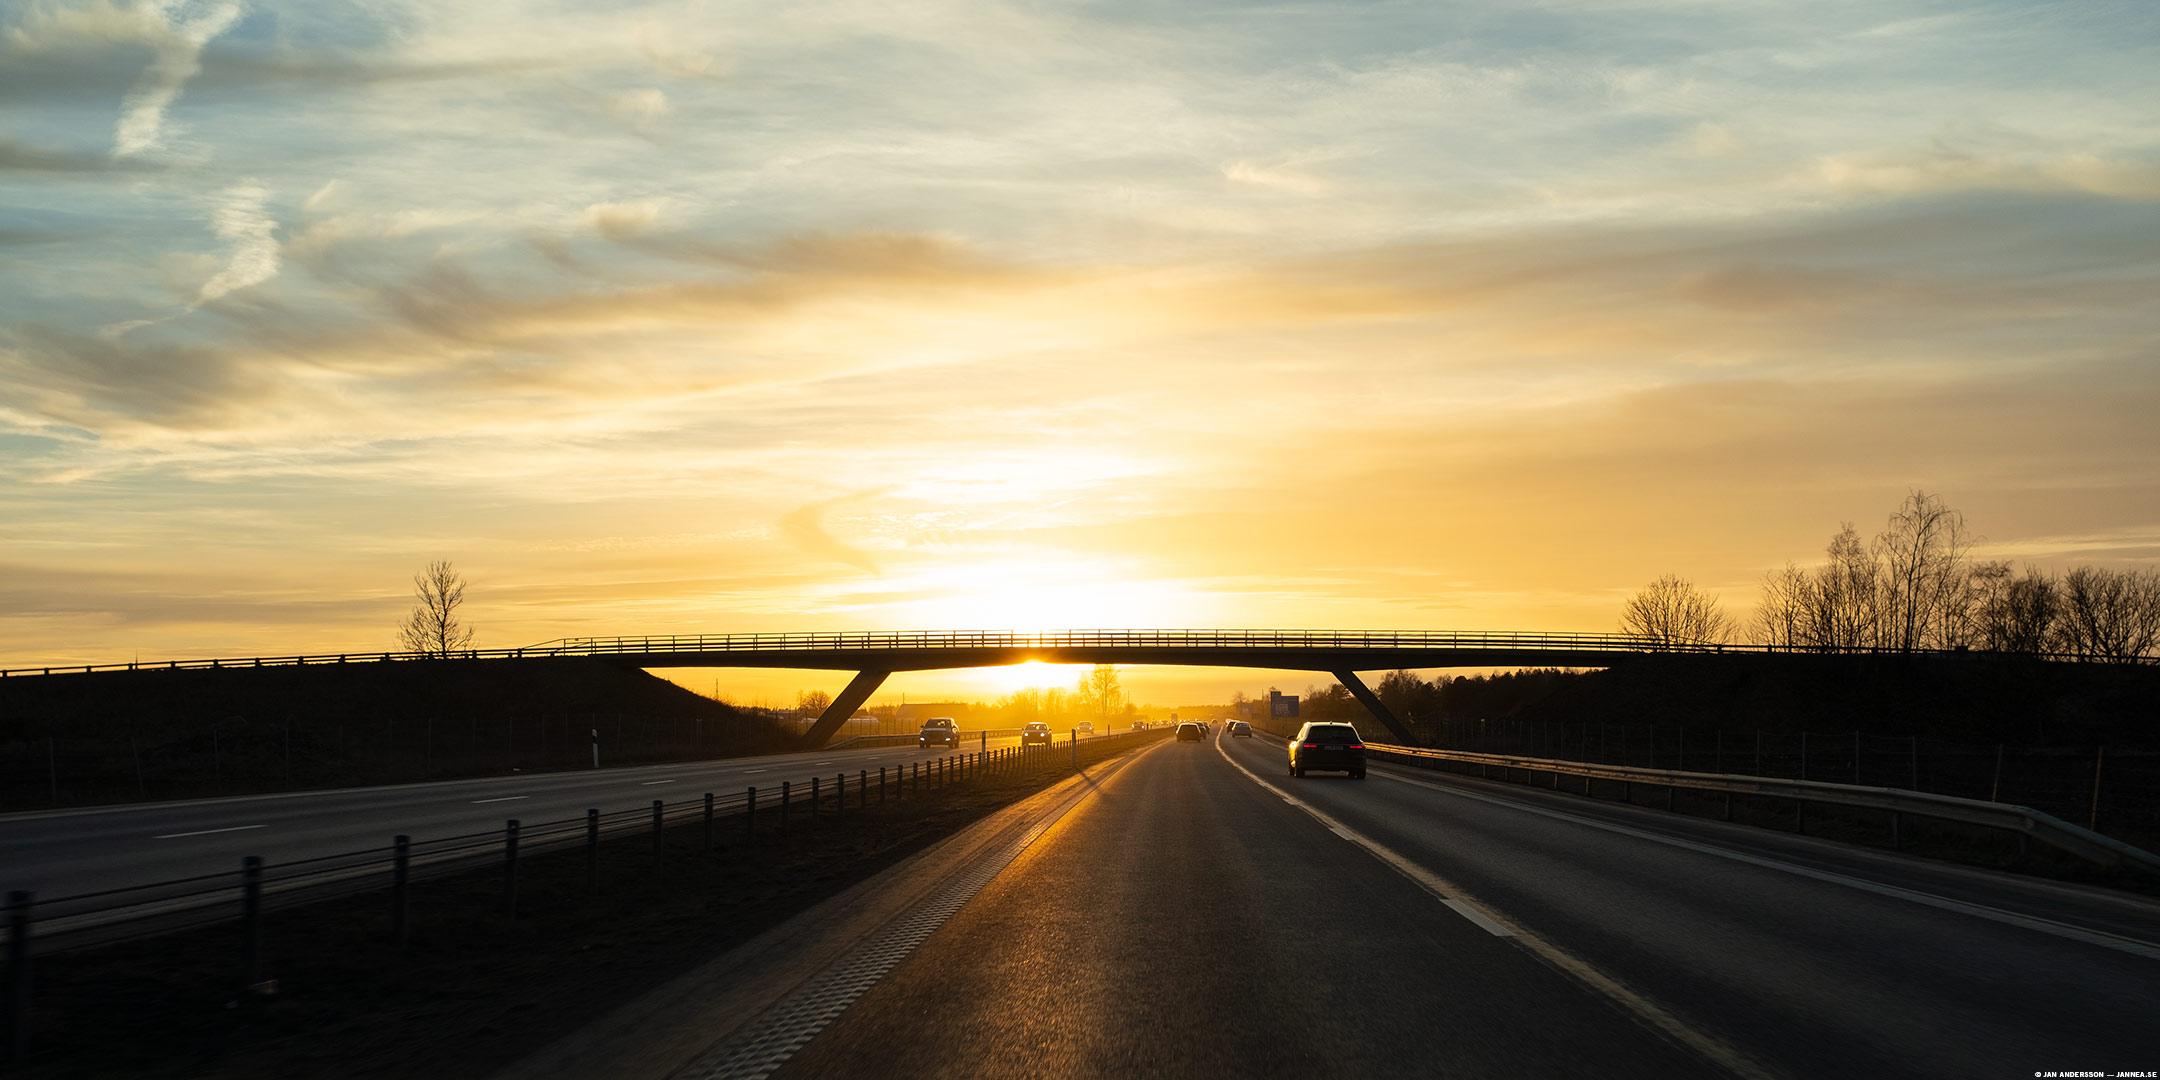 På vägen hem lyser solen i ögonen och jag gillar det |© Jan Andersson